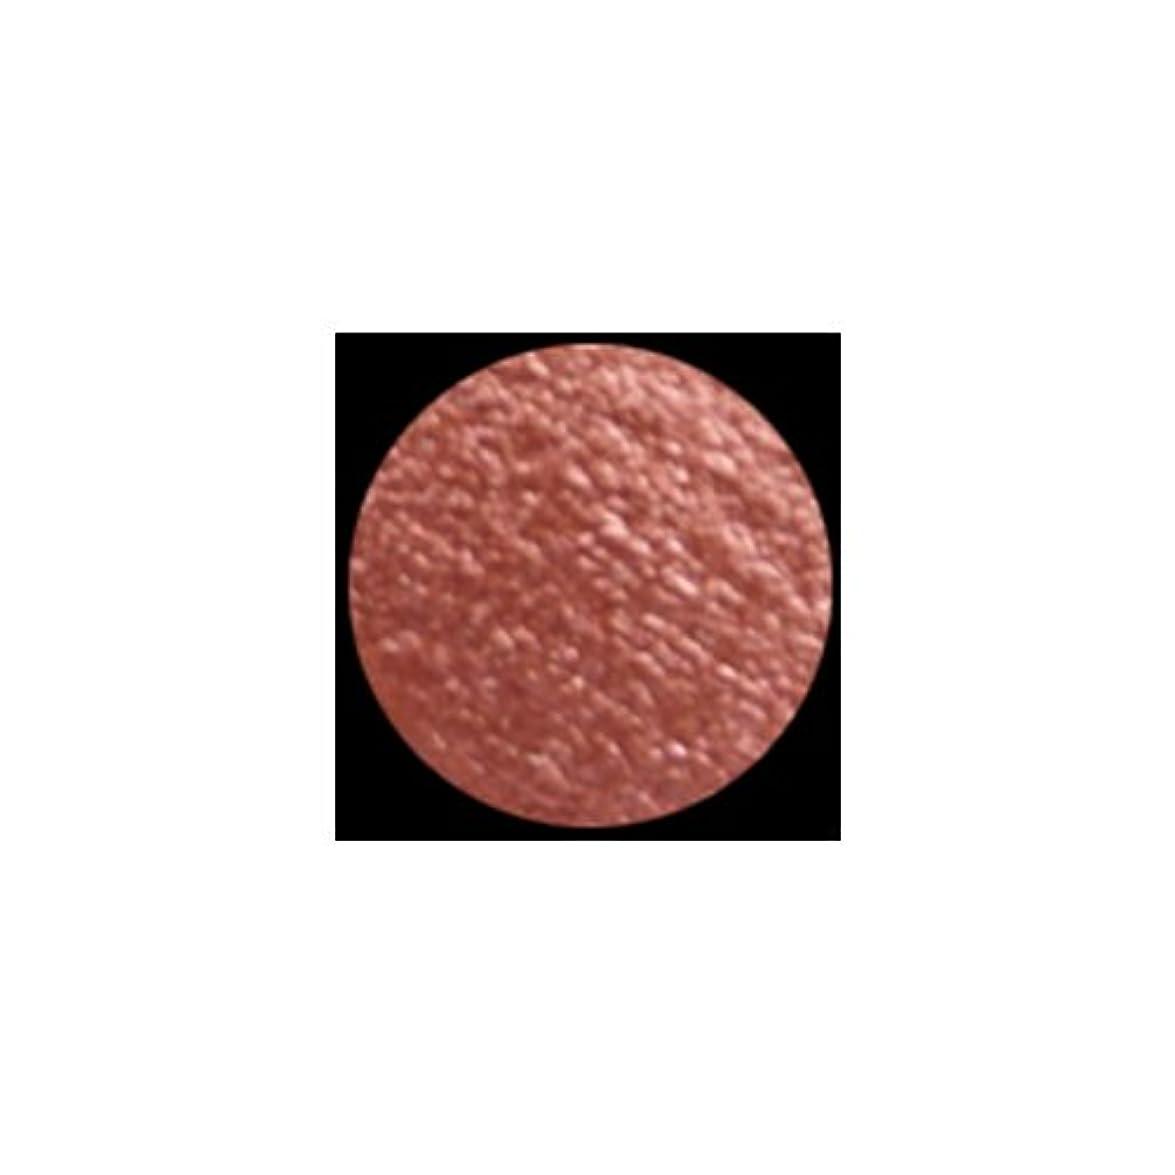 精神医学広々とした子孫(6 Pack) KLEANCOLOR American Eyedol (Wet/Dry Baked Eyeshadow) - Burgundy (並行輸入品)